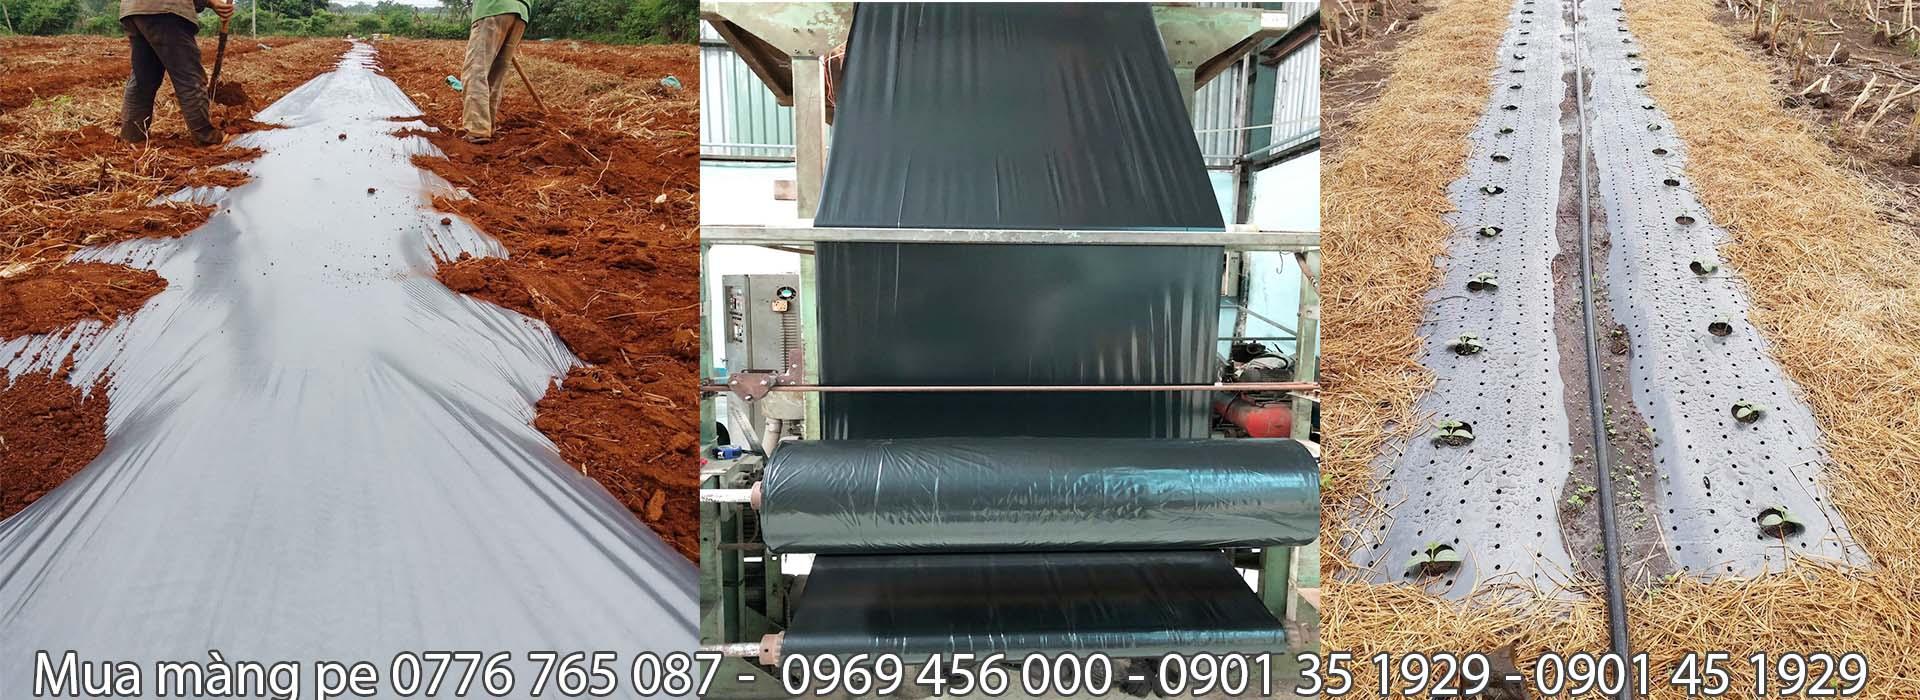 Màng PE đen 2 zem khổ 1M × 400M( Kg)